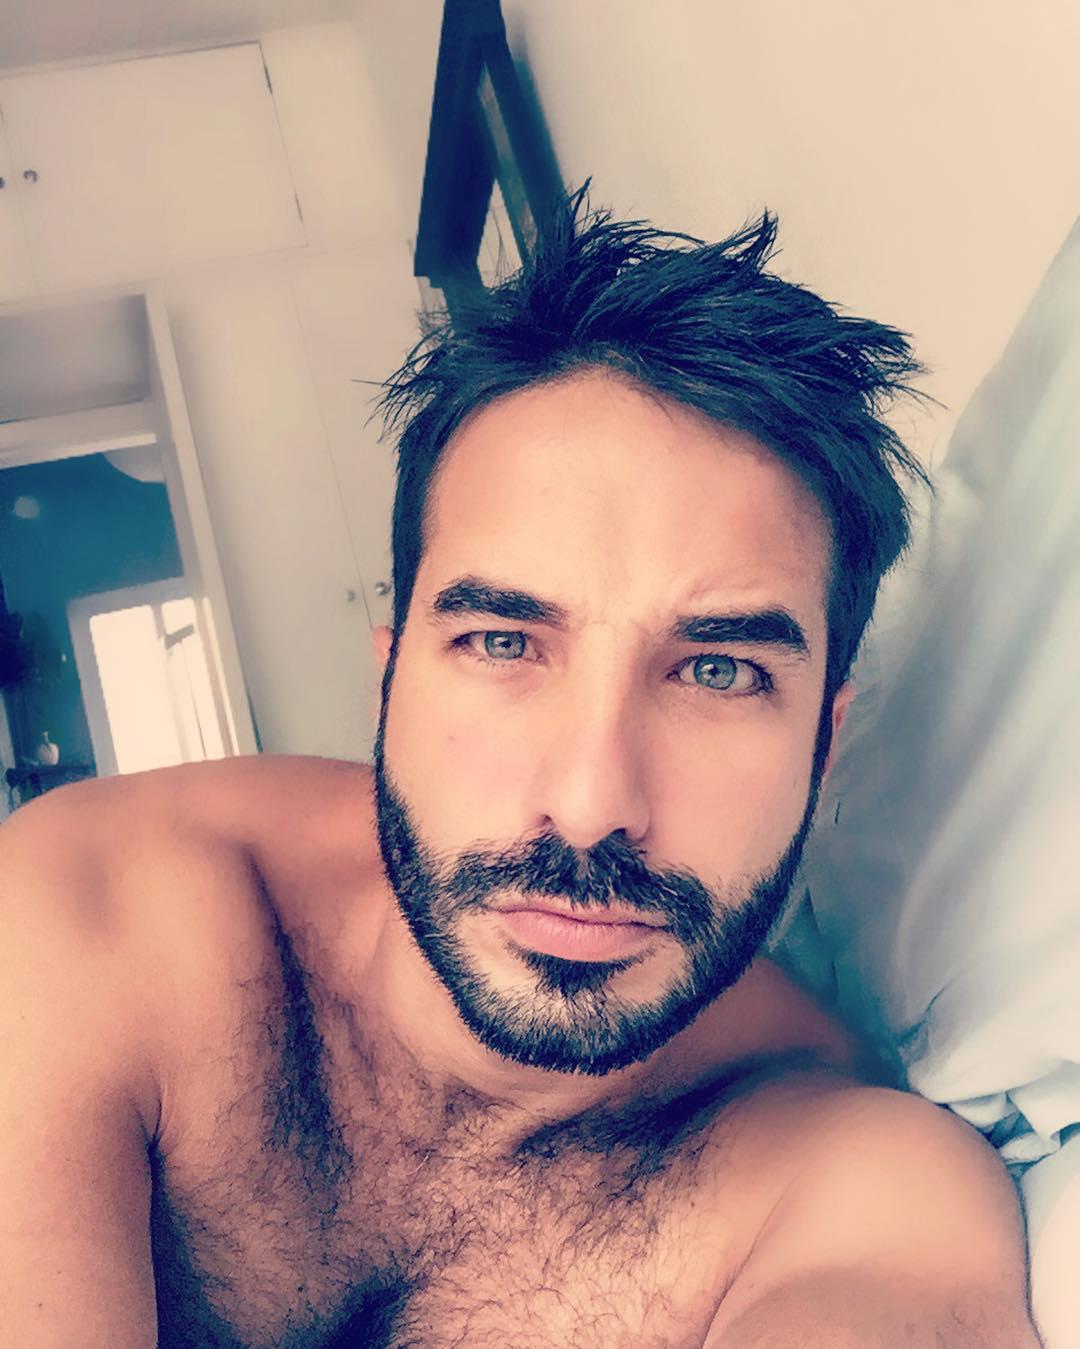 Vídeos de hombres rubios desnudos gratis - SEXO GAY